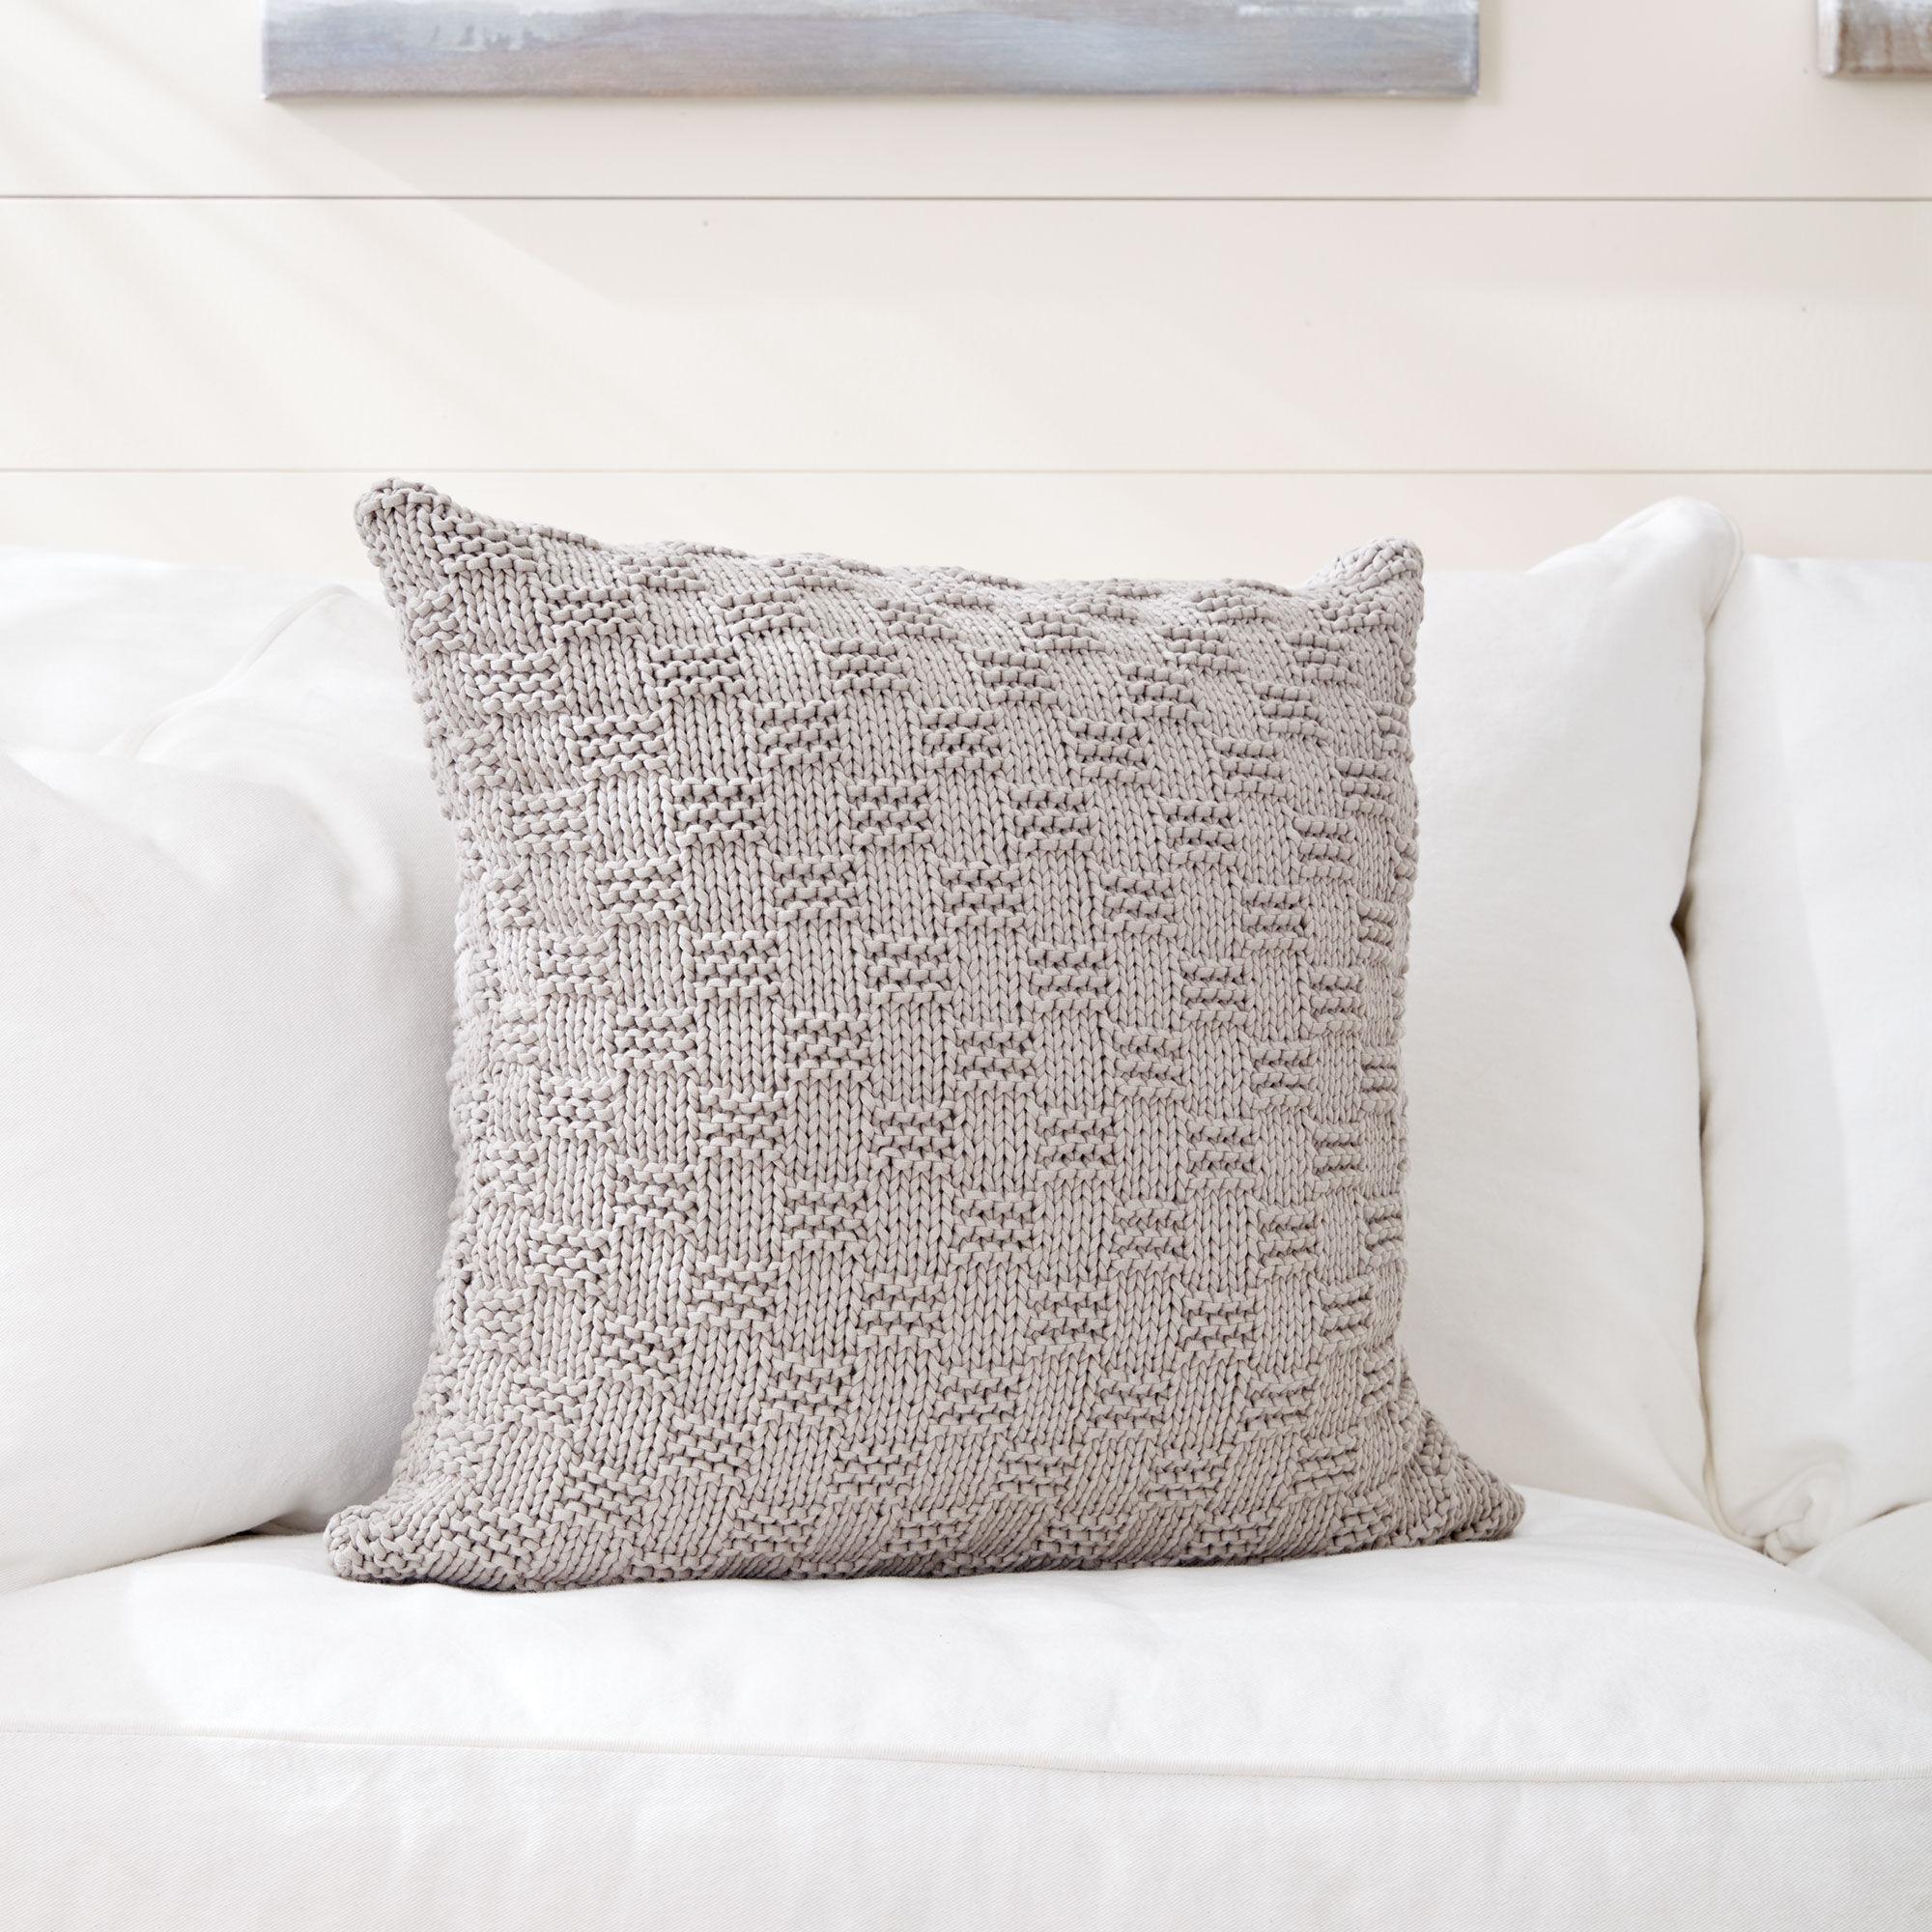 Bernat Beachside Knit Pillow | Yarnspirations